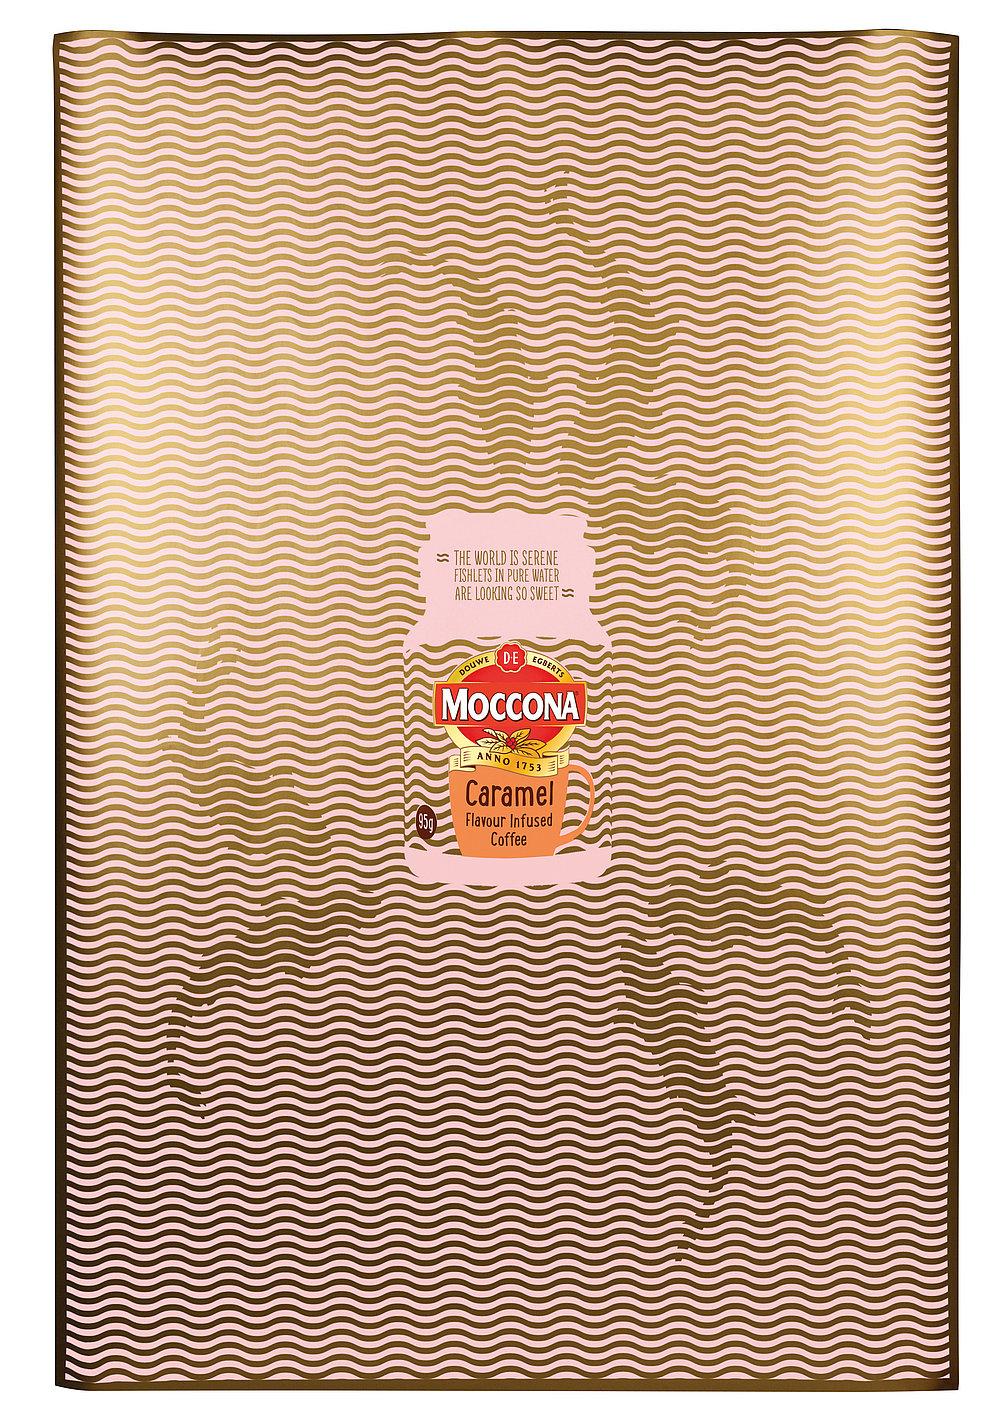 Subtle Posters | Red Dot Design Award